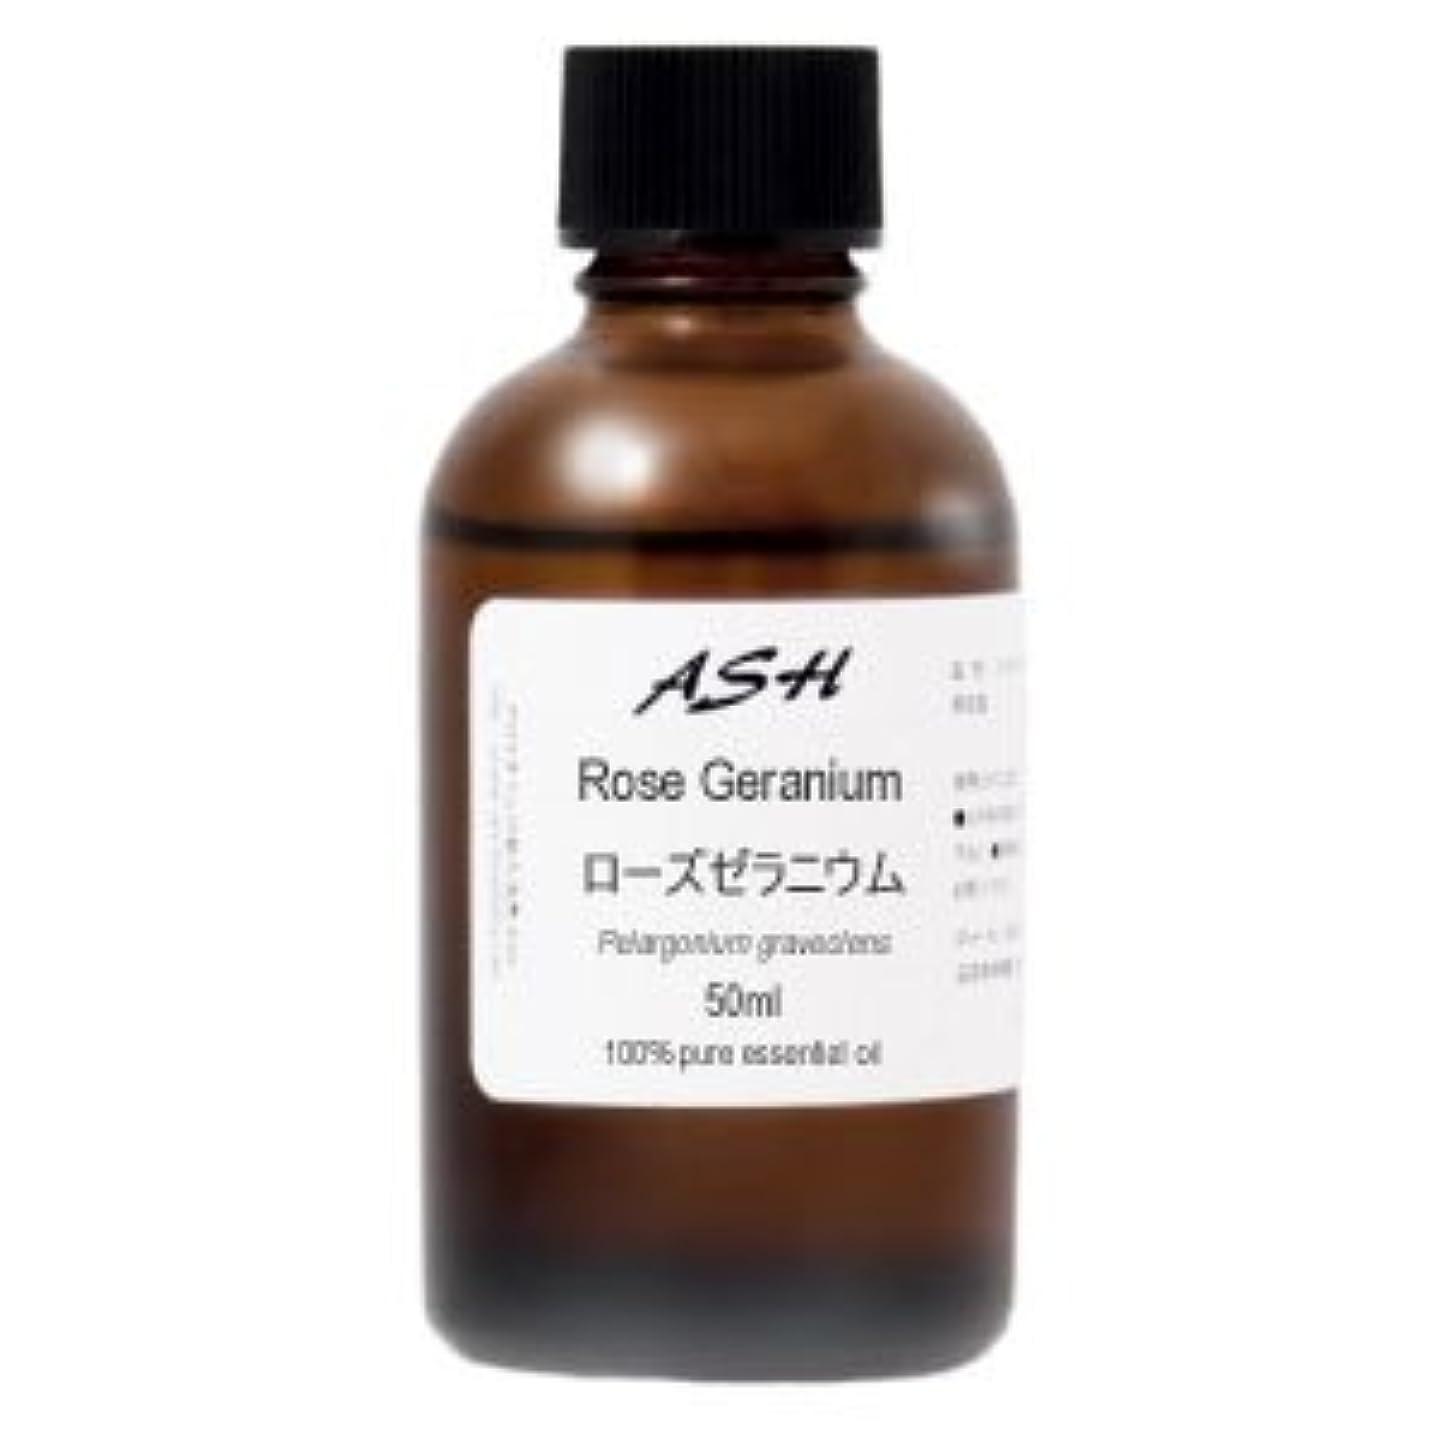 蜜性的葬儀ASH ローズゼラニウム エッセンシャルオイル 50ml AEAJ表示基準適合認定精油